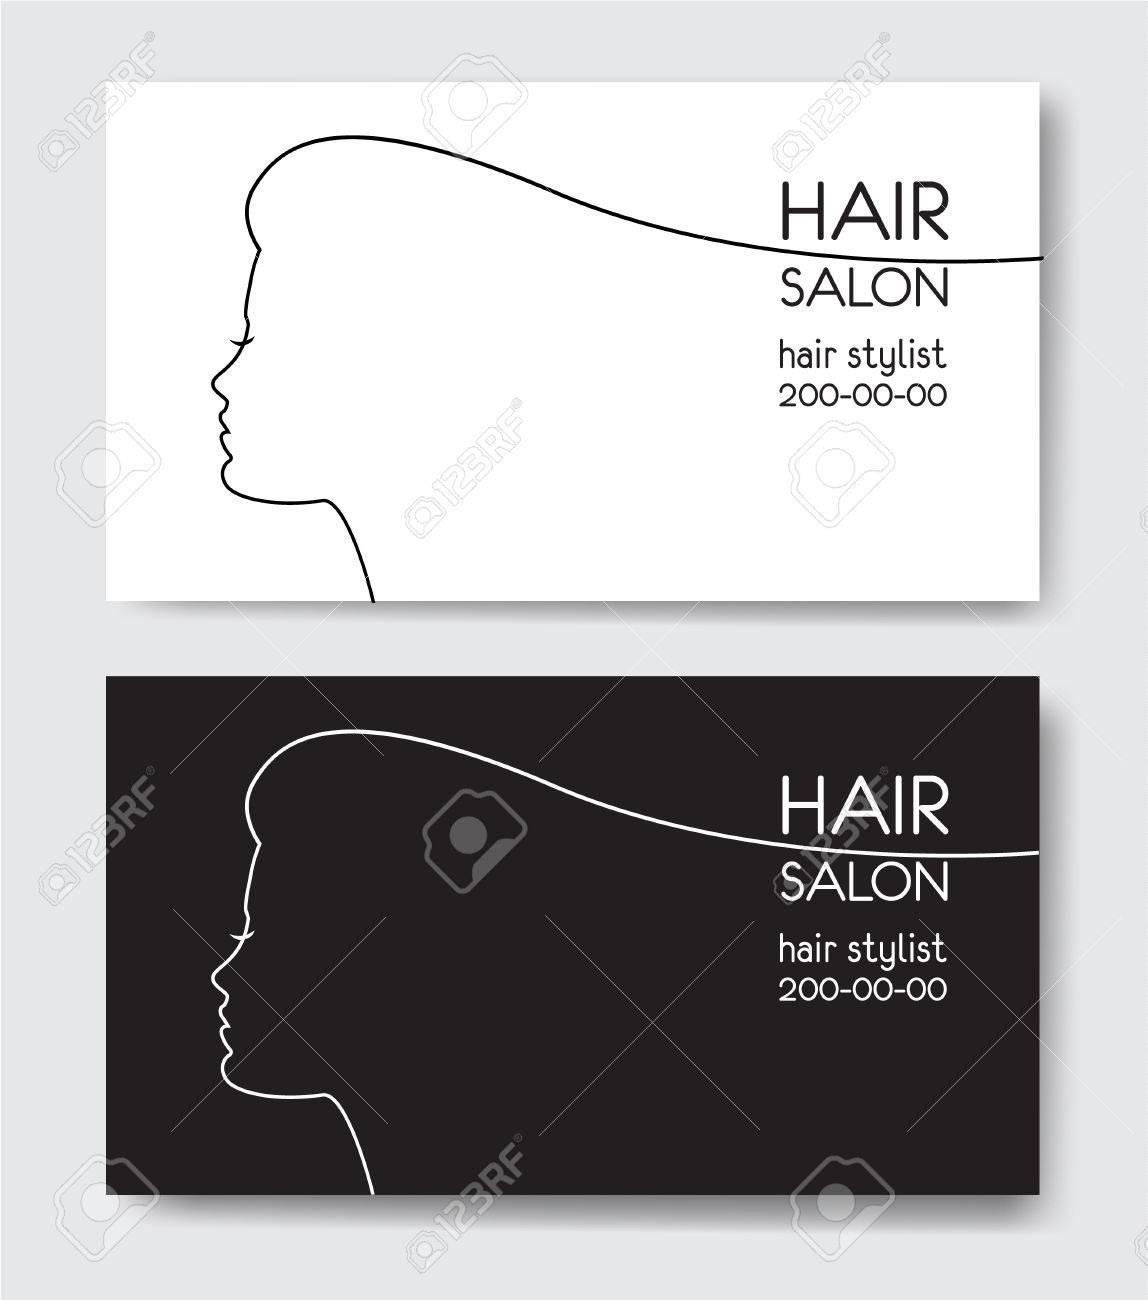 Hair Salon Business Card Templates Stock Vector